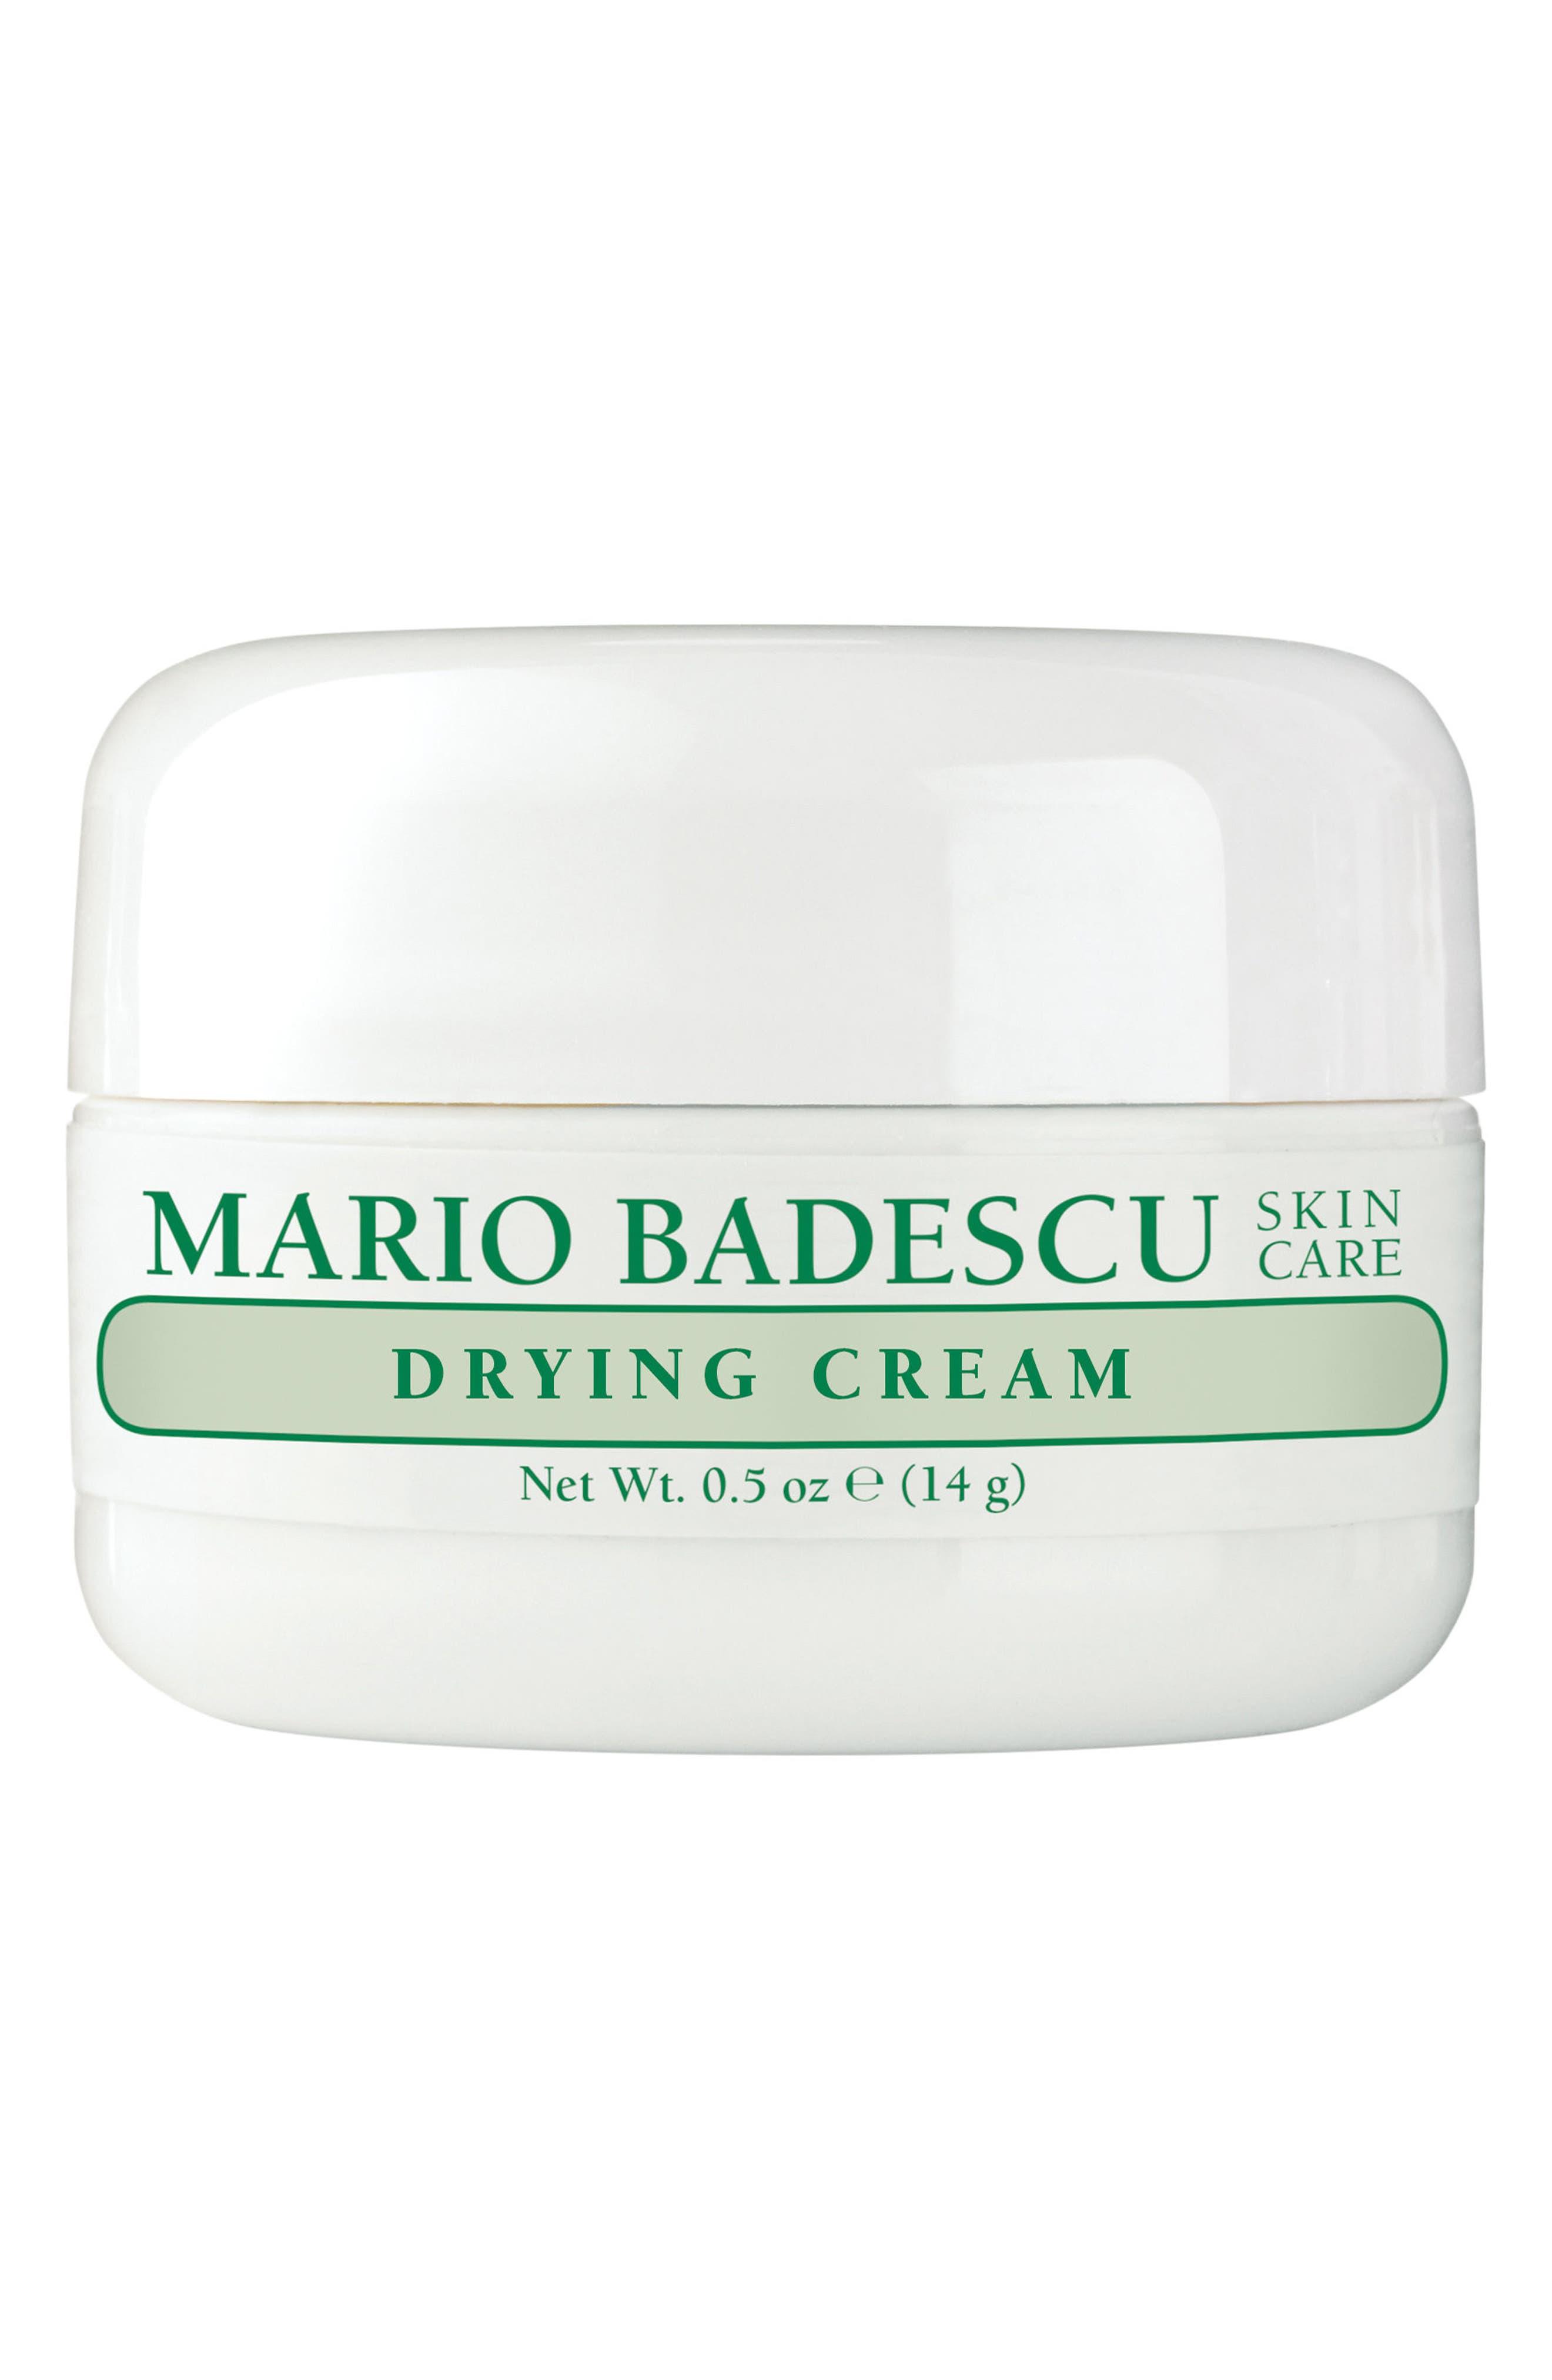 MARIO BADESCU Drying Cream, Main, color, NO COLOR